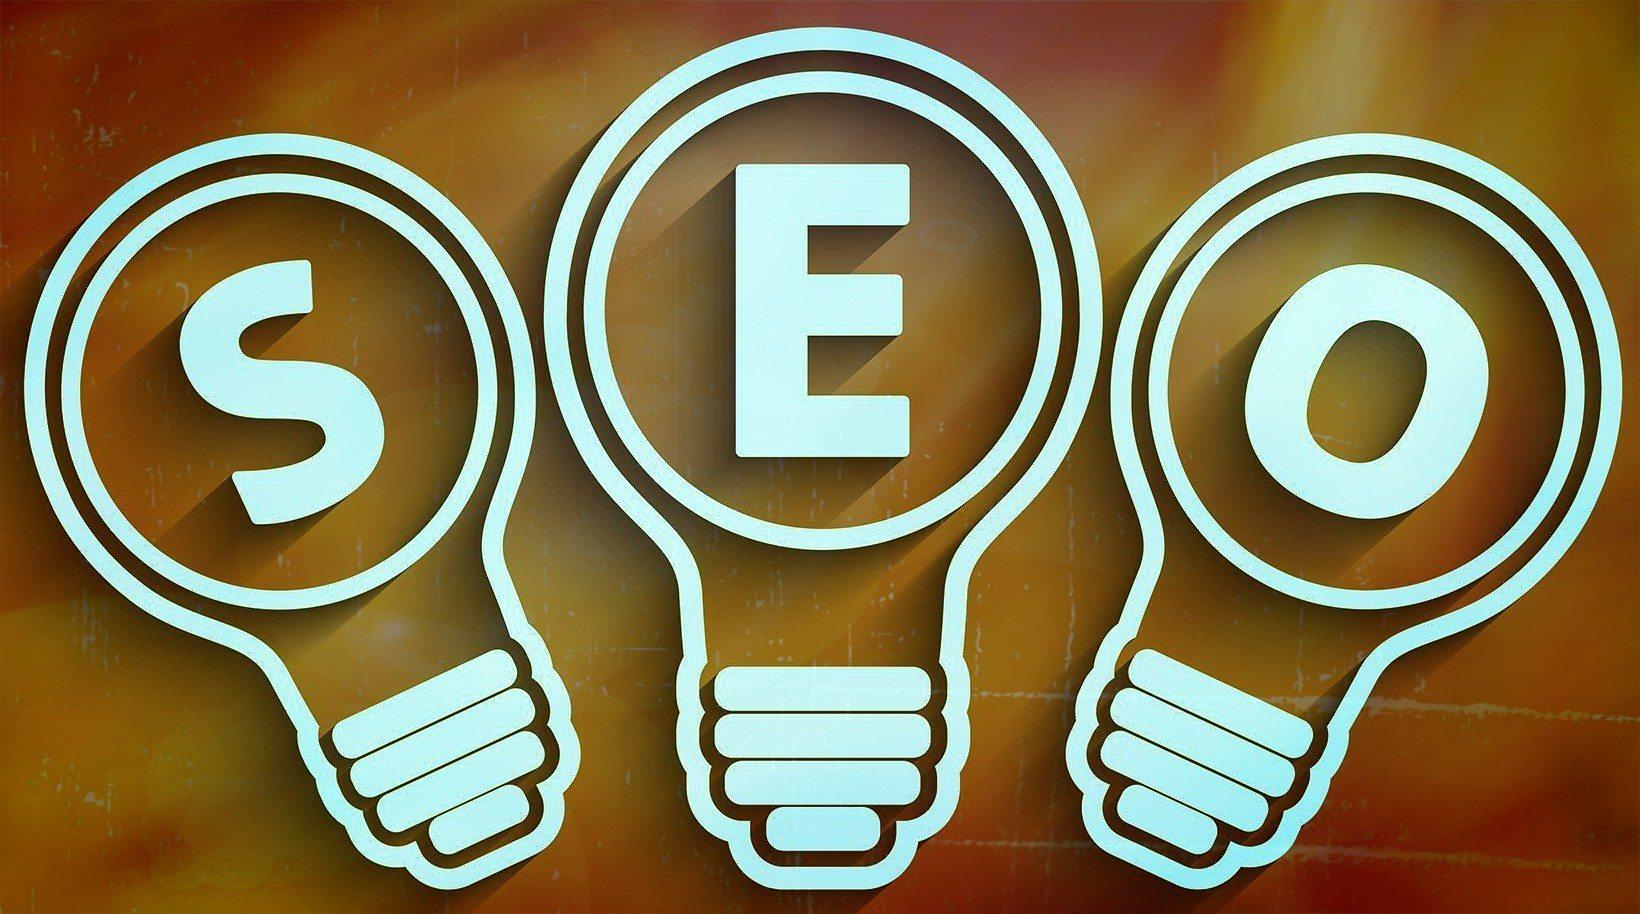 SEO Lightbulb